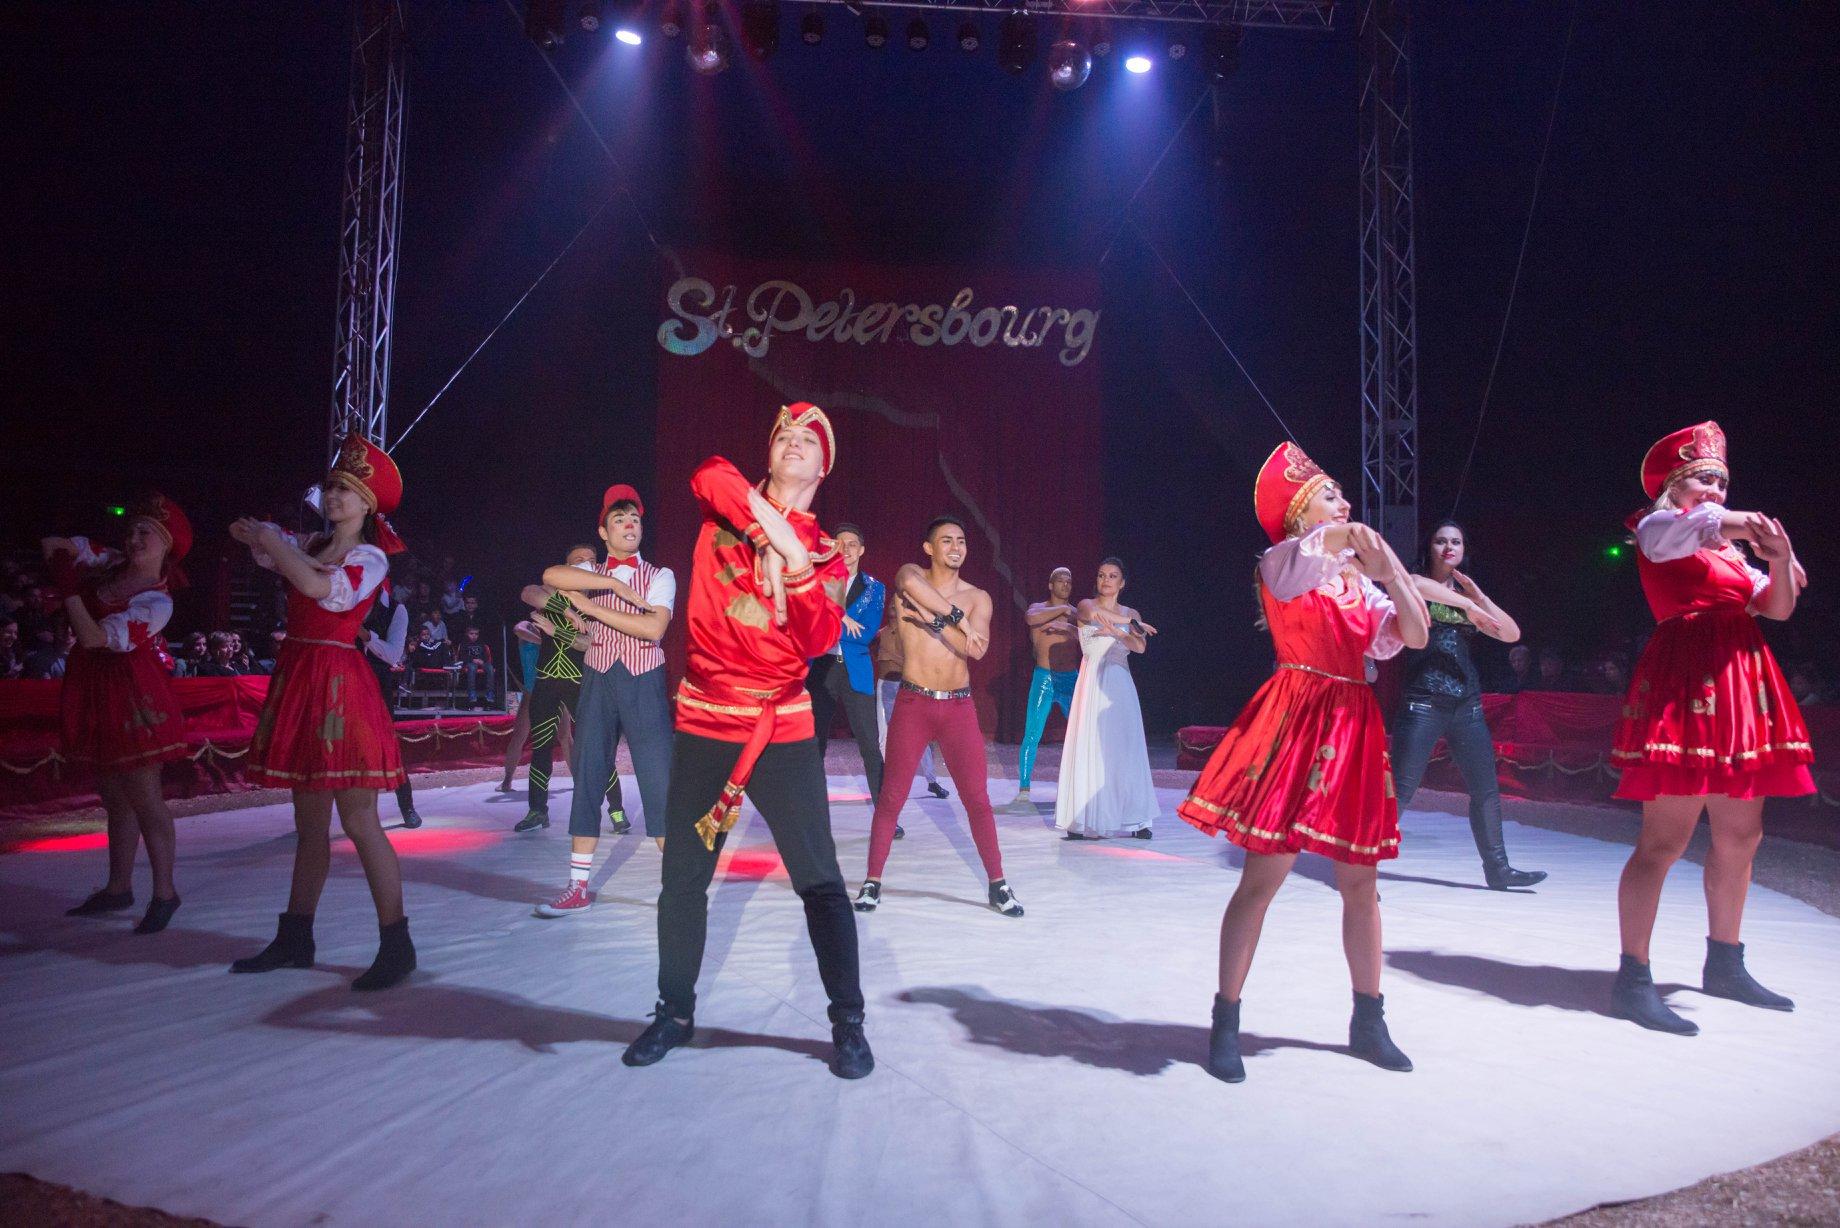 Le grand cirque de St Petersbourg featured